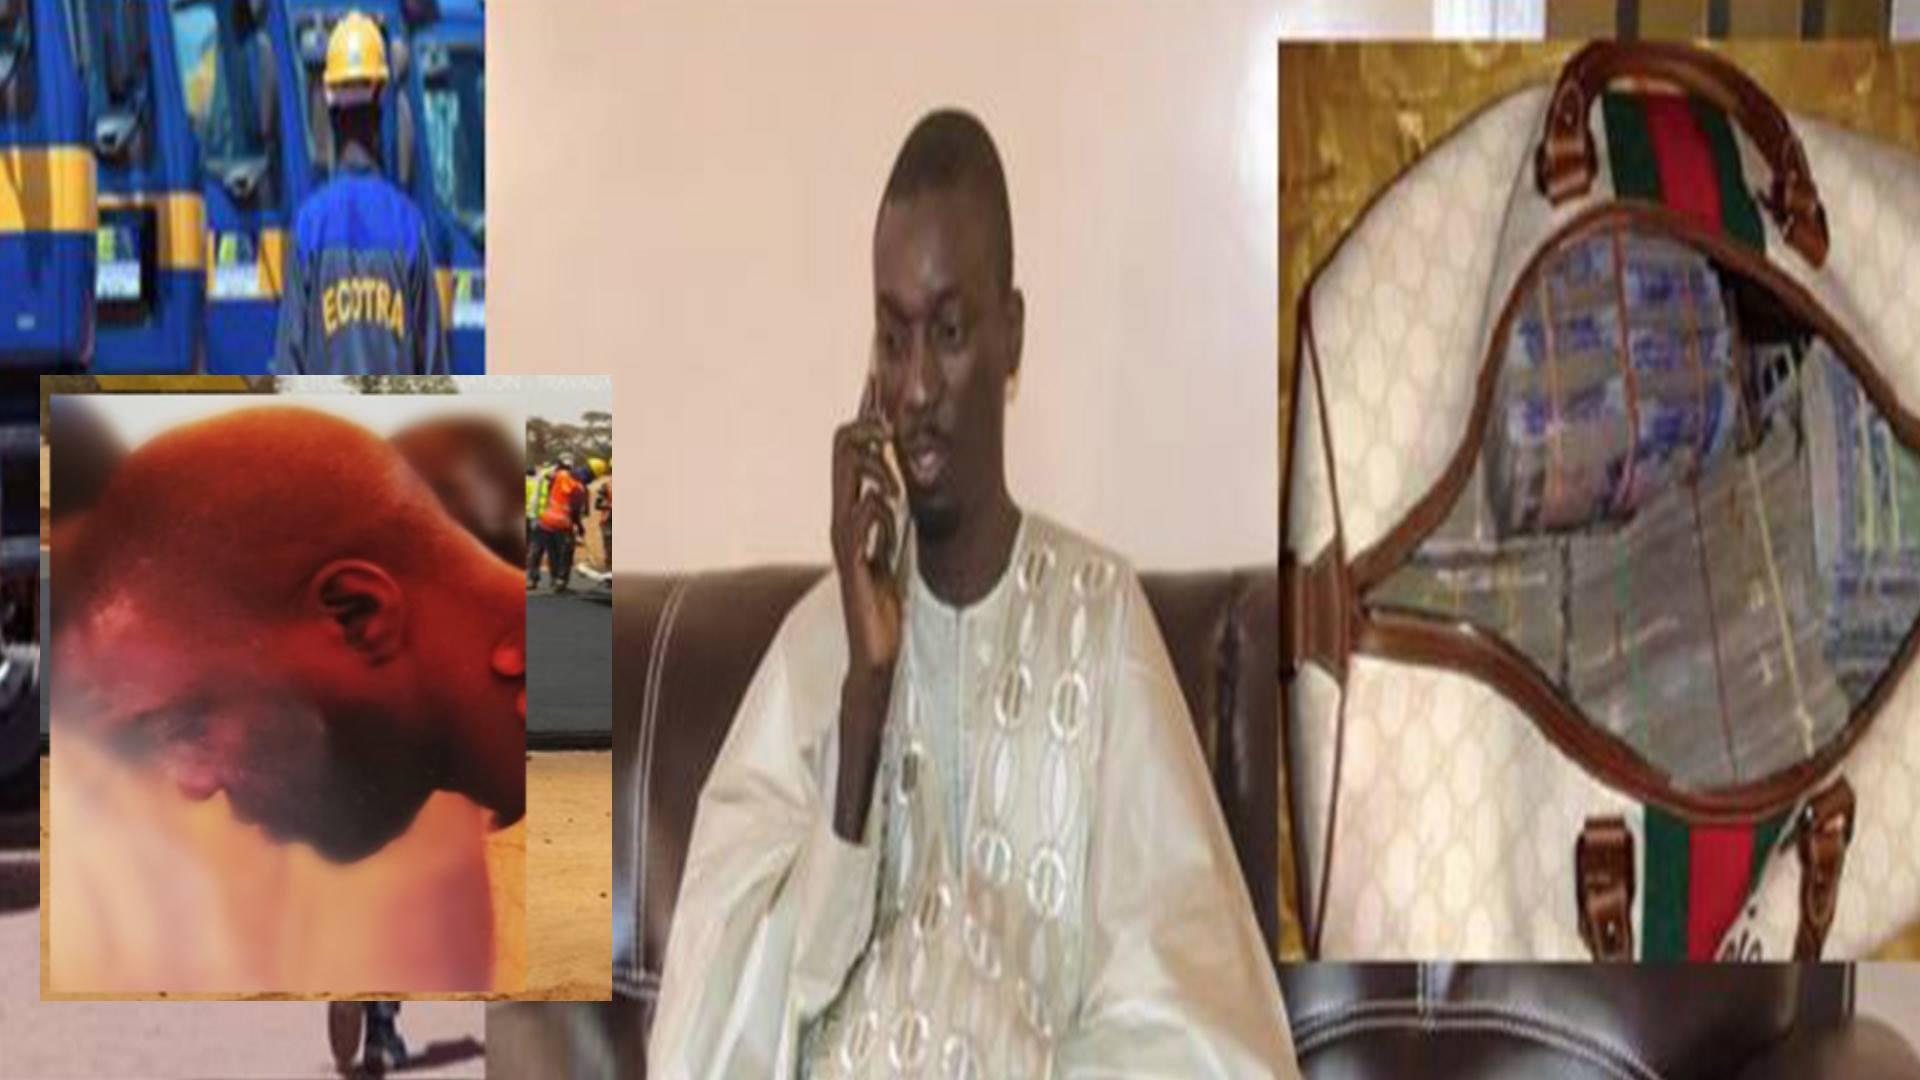 Litige Abdoulaye Sylla Ecotra et Serigne Ahma Mbacké: Entre vengeance et chantage  (Enquête)